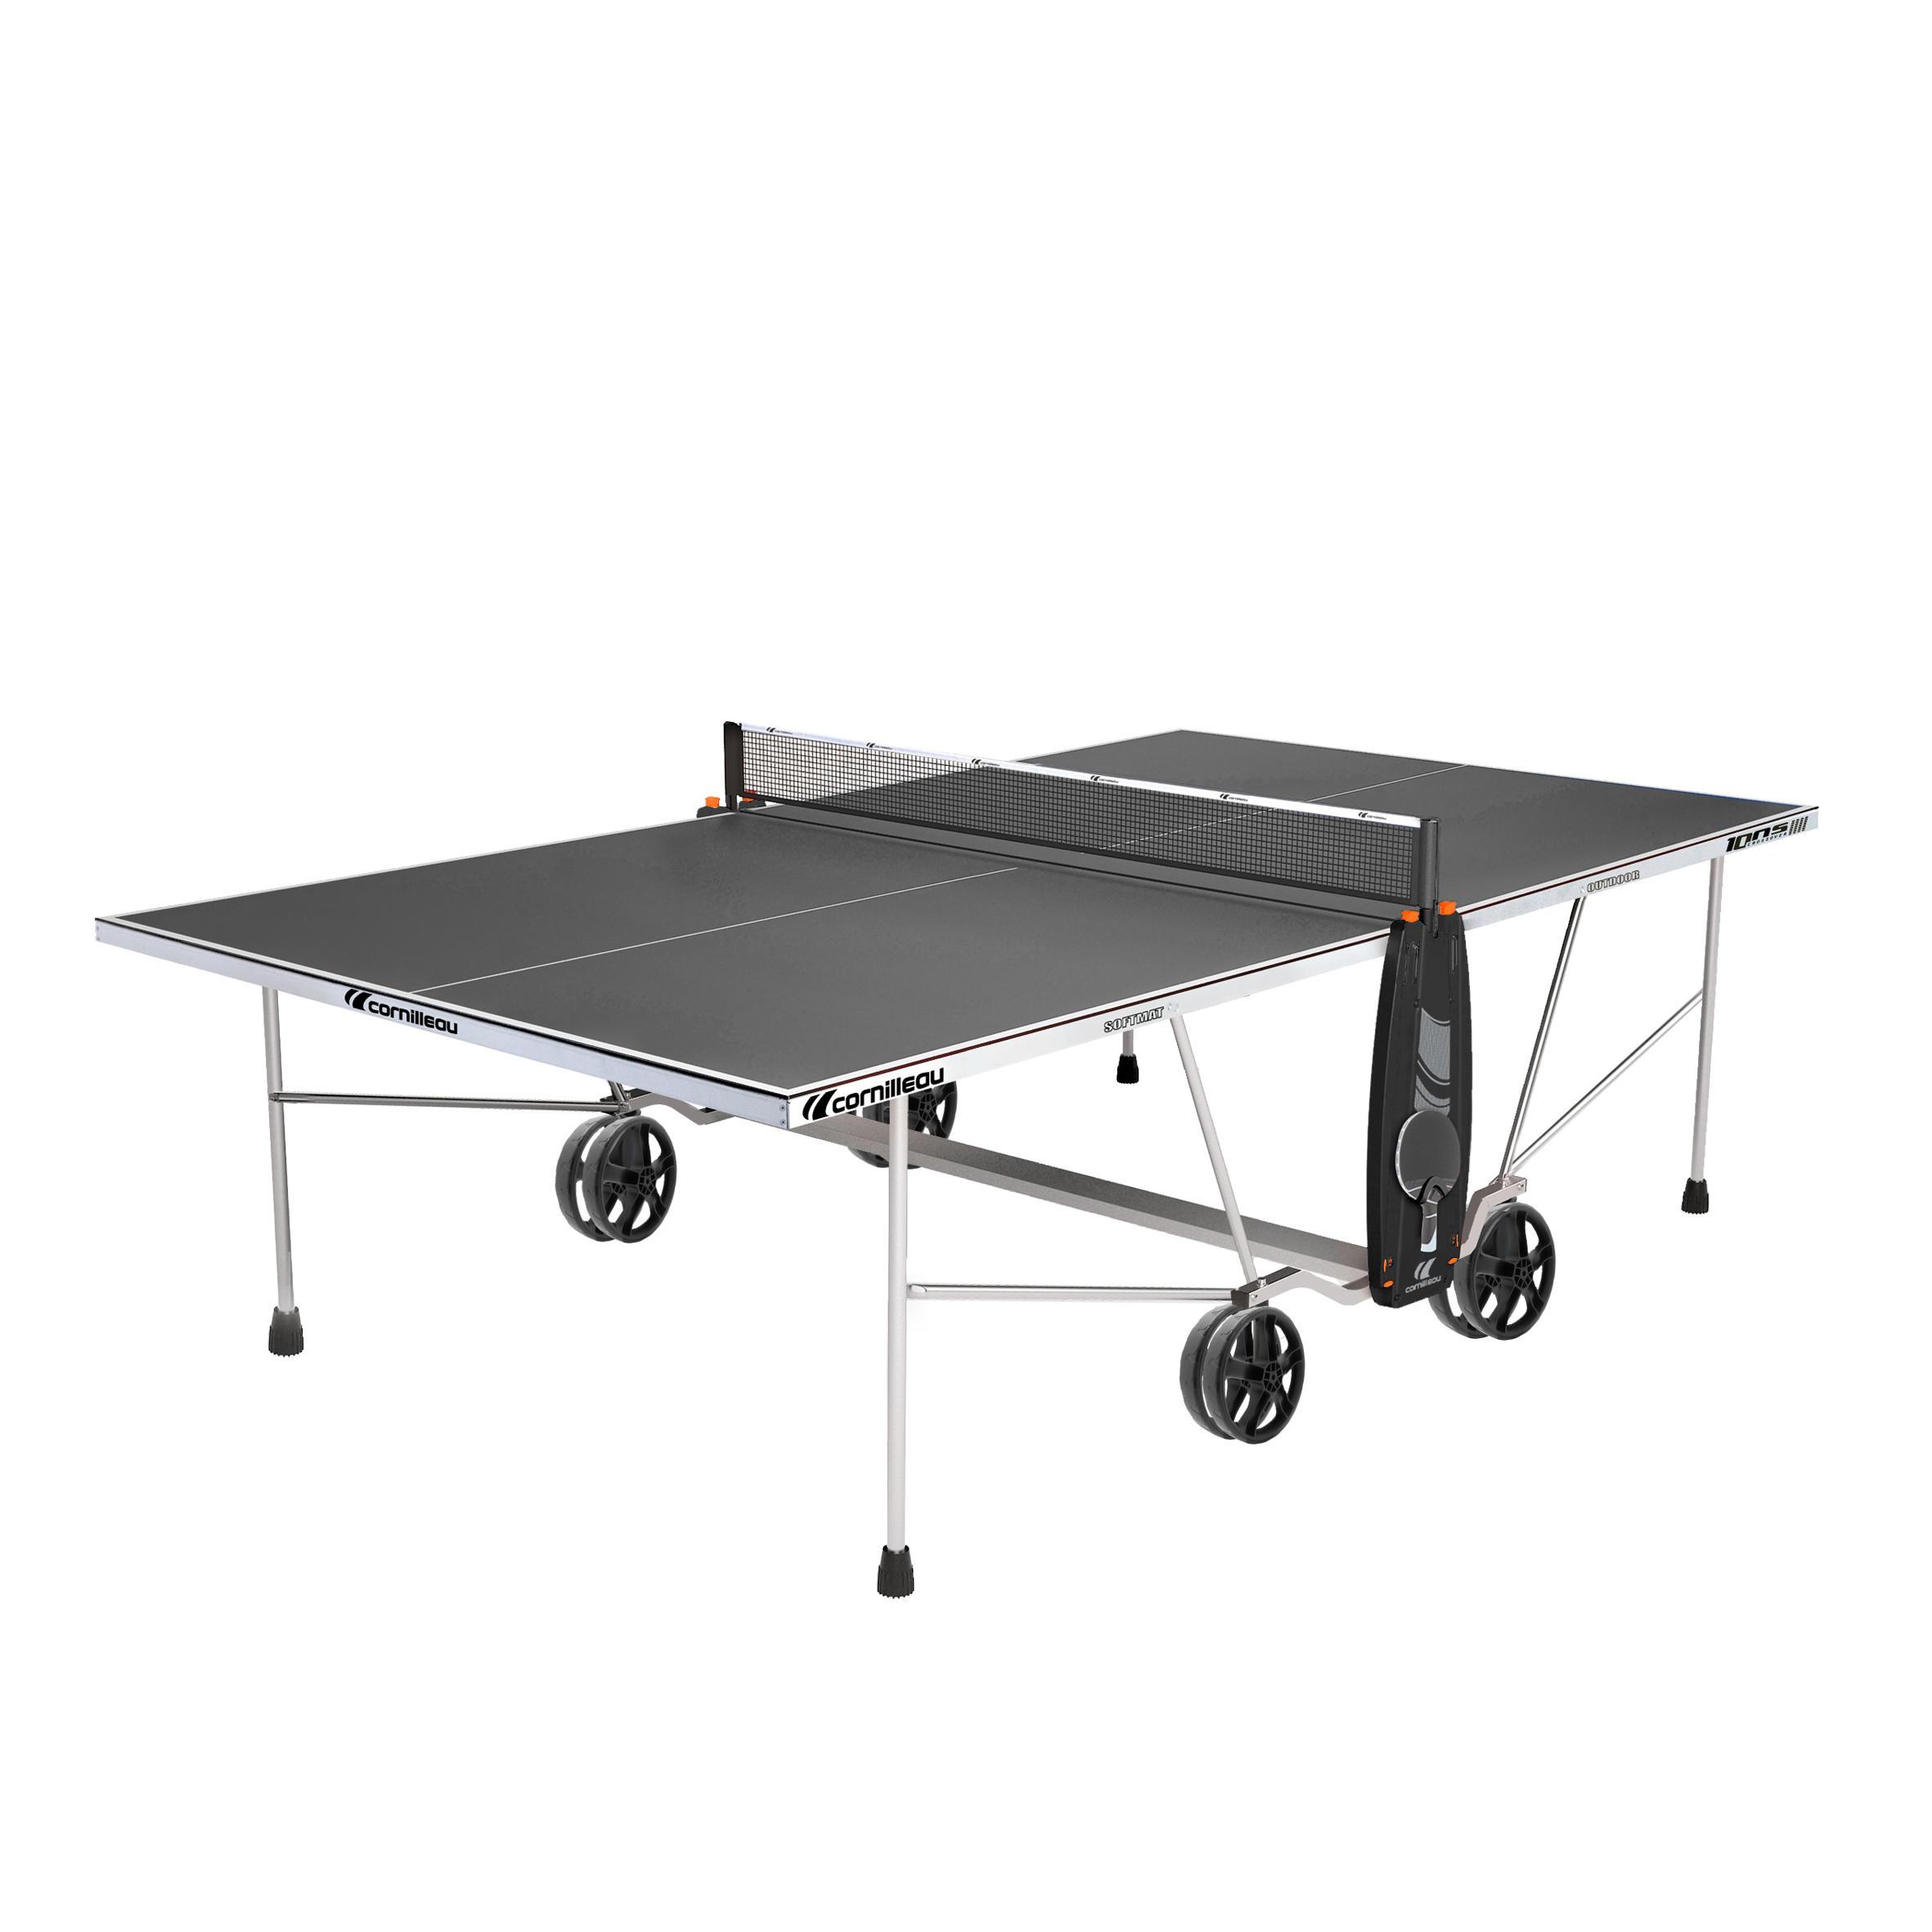 Cornilleau Tafeltennistafel / pingpongtafel outdoor 100S Crossover grijs kopen